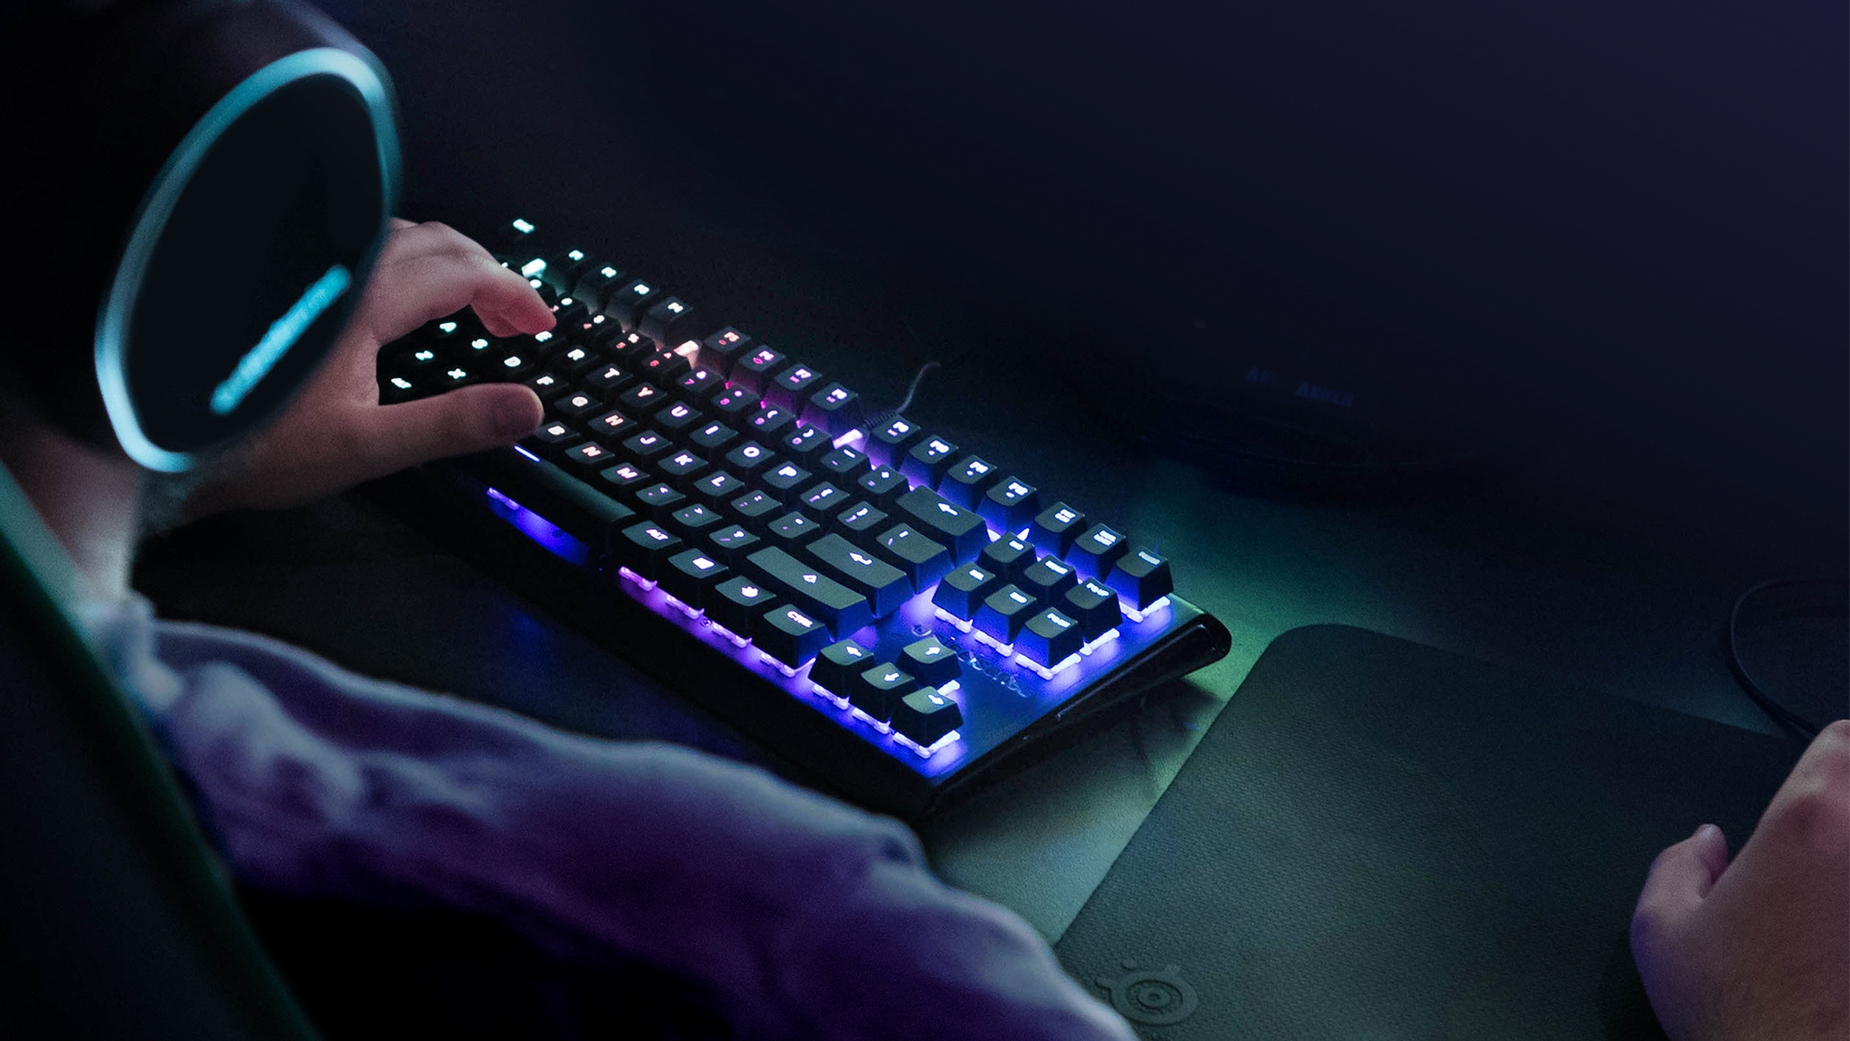 SteelSeries anuncia los teclados mecánicos para juegos más versátiles del mundo con accionamiento totalmente ajustable